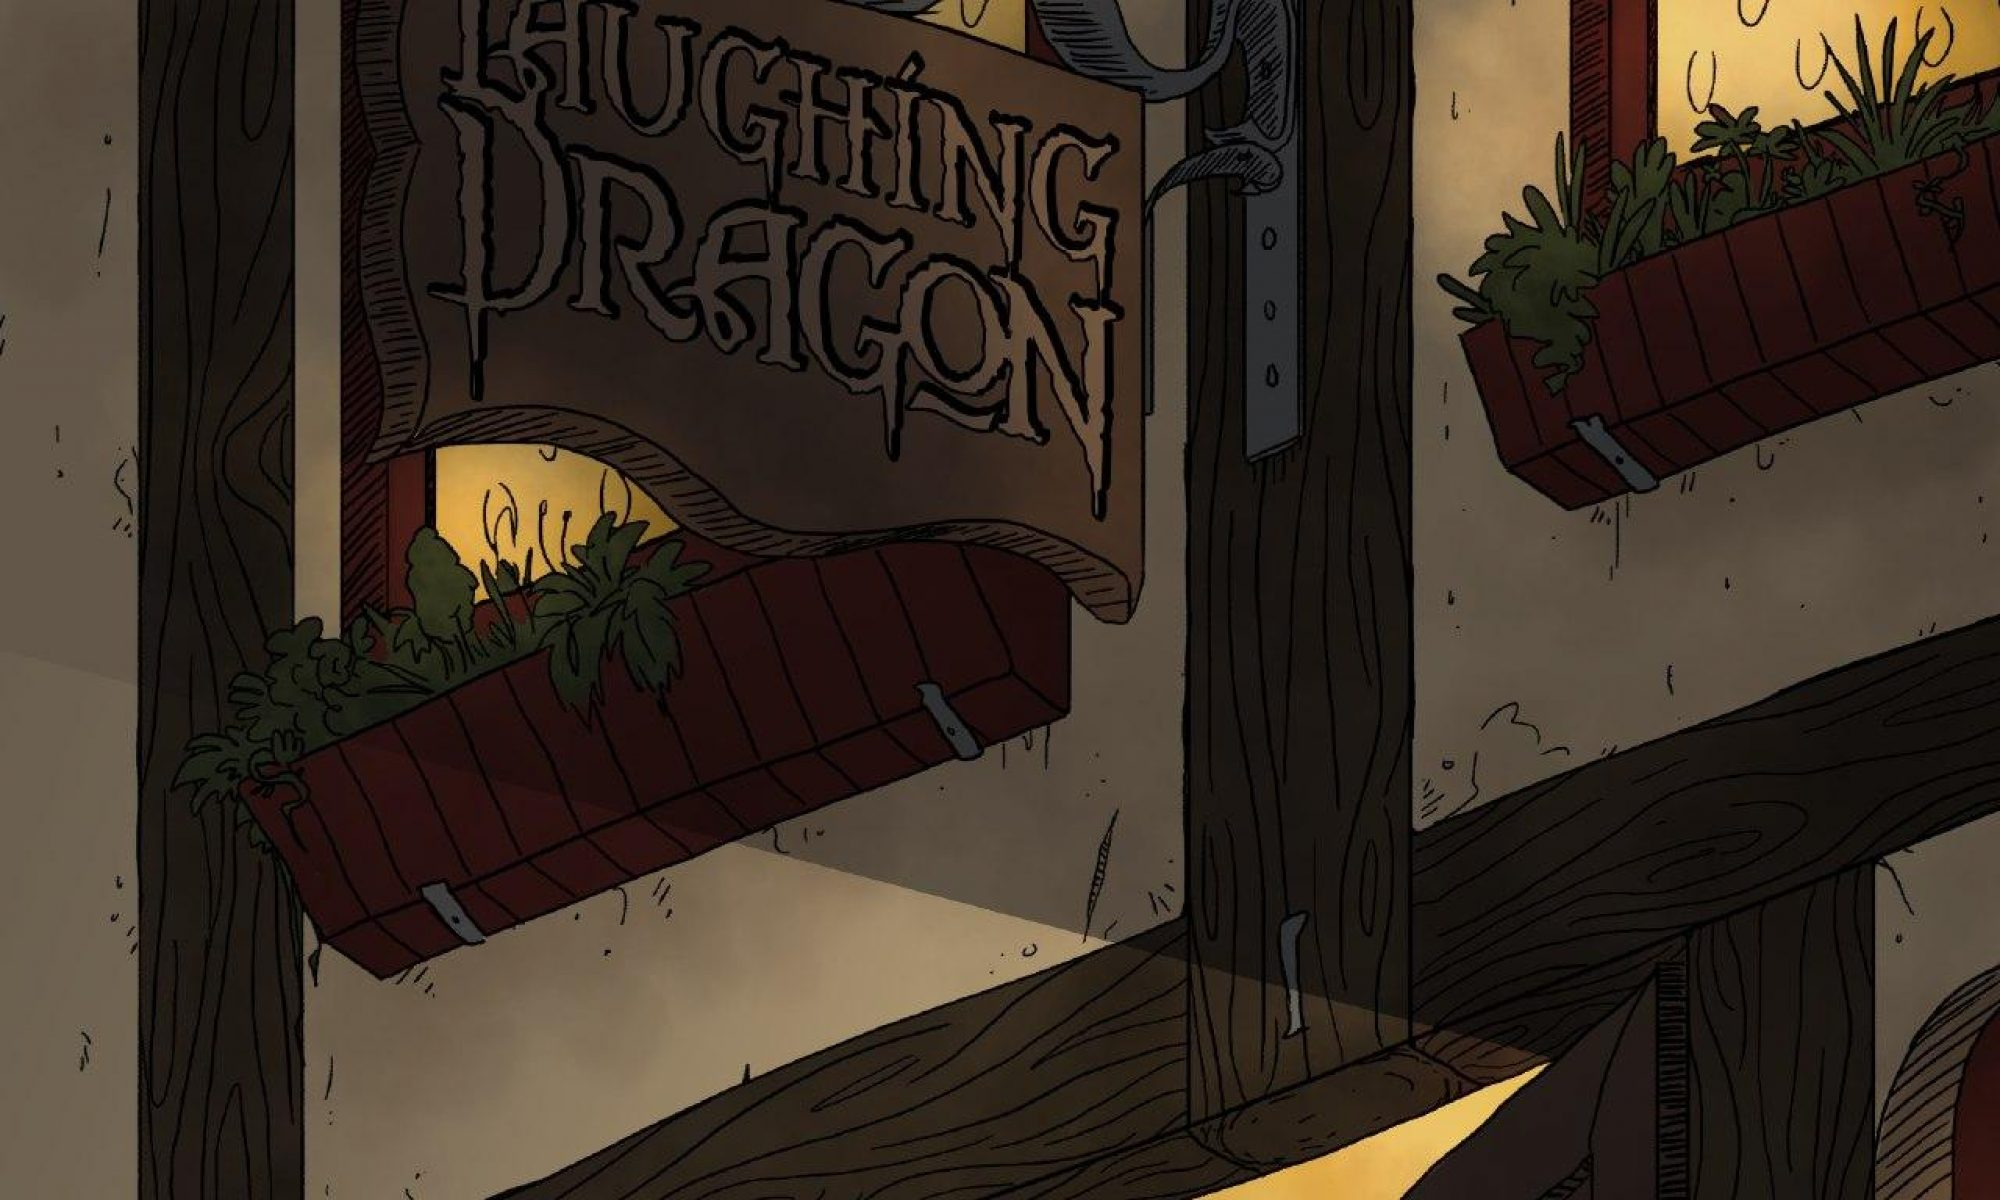 Zum lachenden Drachen